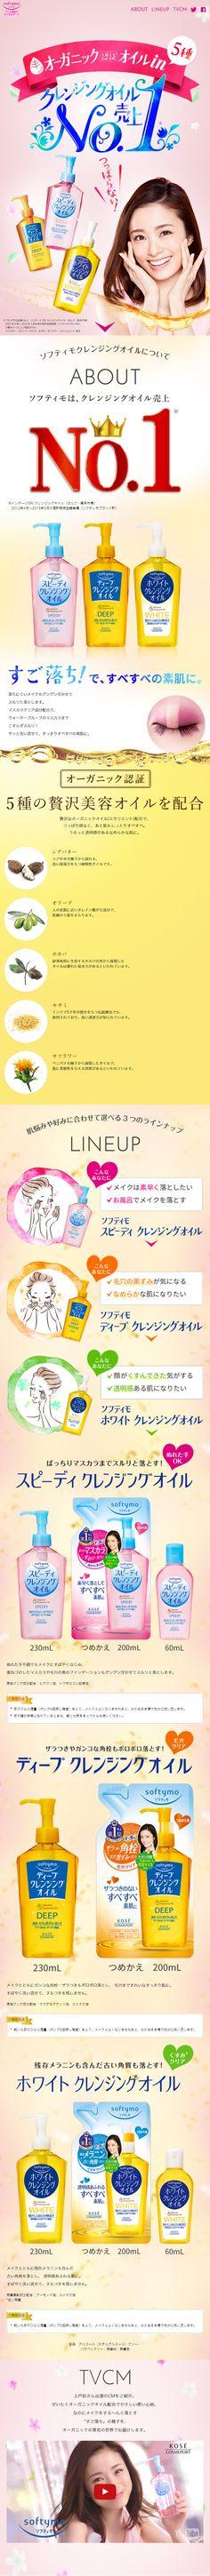 ソフティモ クレンジングオイル【スキンケア・美容商品関連】のLPデザイン。WEBデザイナーさん必見!スマホランディングページのデザイン参考に(かわいい系) Japan Design, Web Design, Japan Advertising, Print Ads, Ecommerce, Banner, Product Description, Japanese, Cosmetics